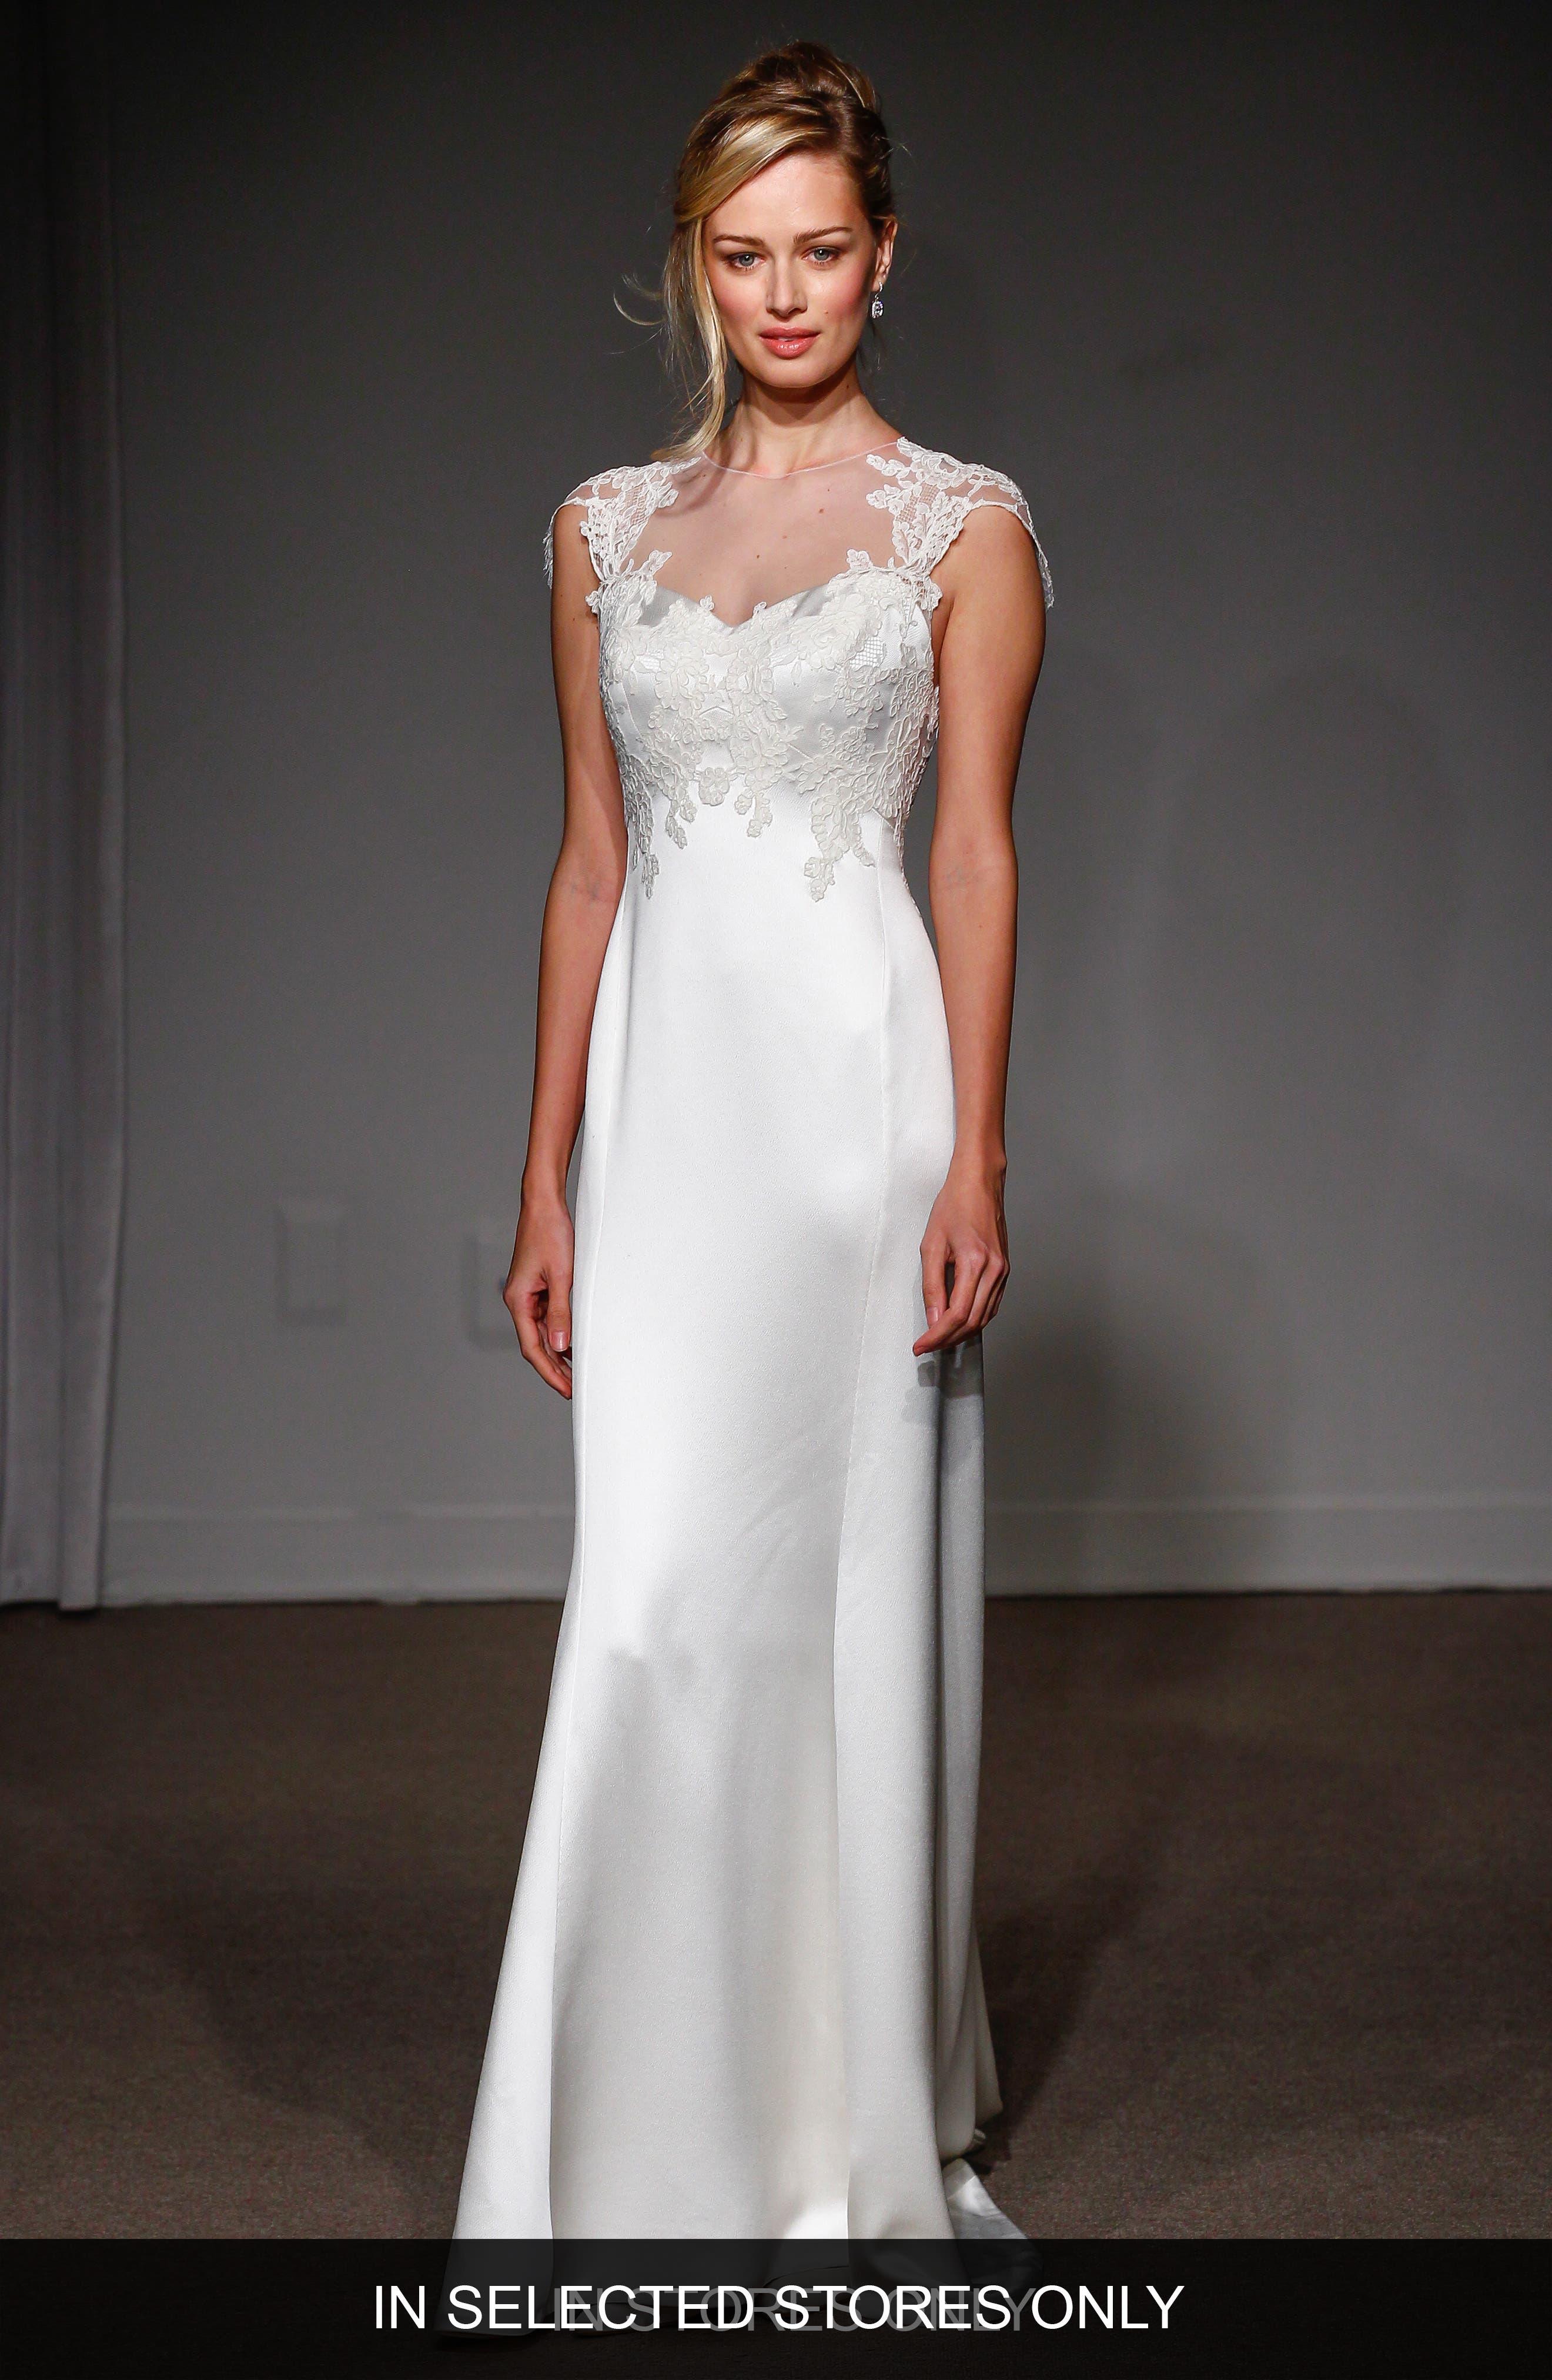 Grace Illusion Neck Lace & Satin A-Line Gown,                         Main,                         color, Soft White